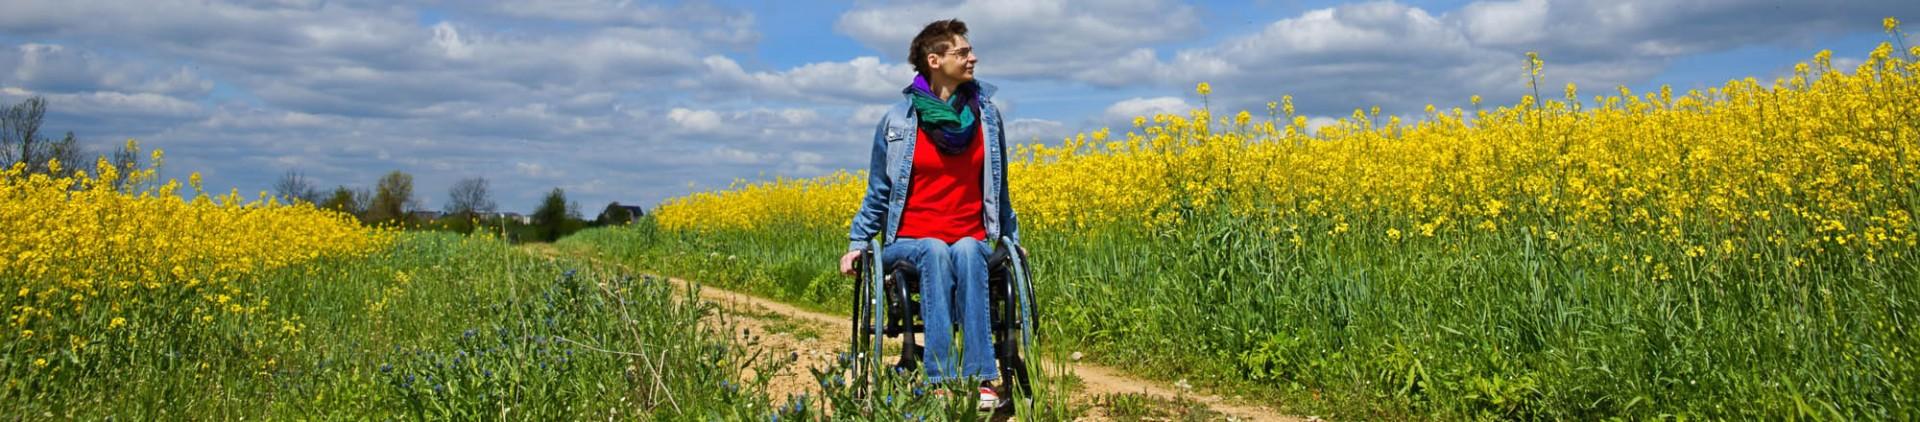 Balades accessibles pour tous - Access I